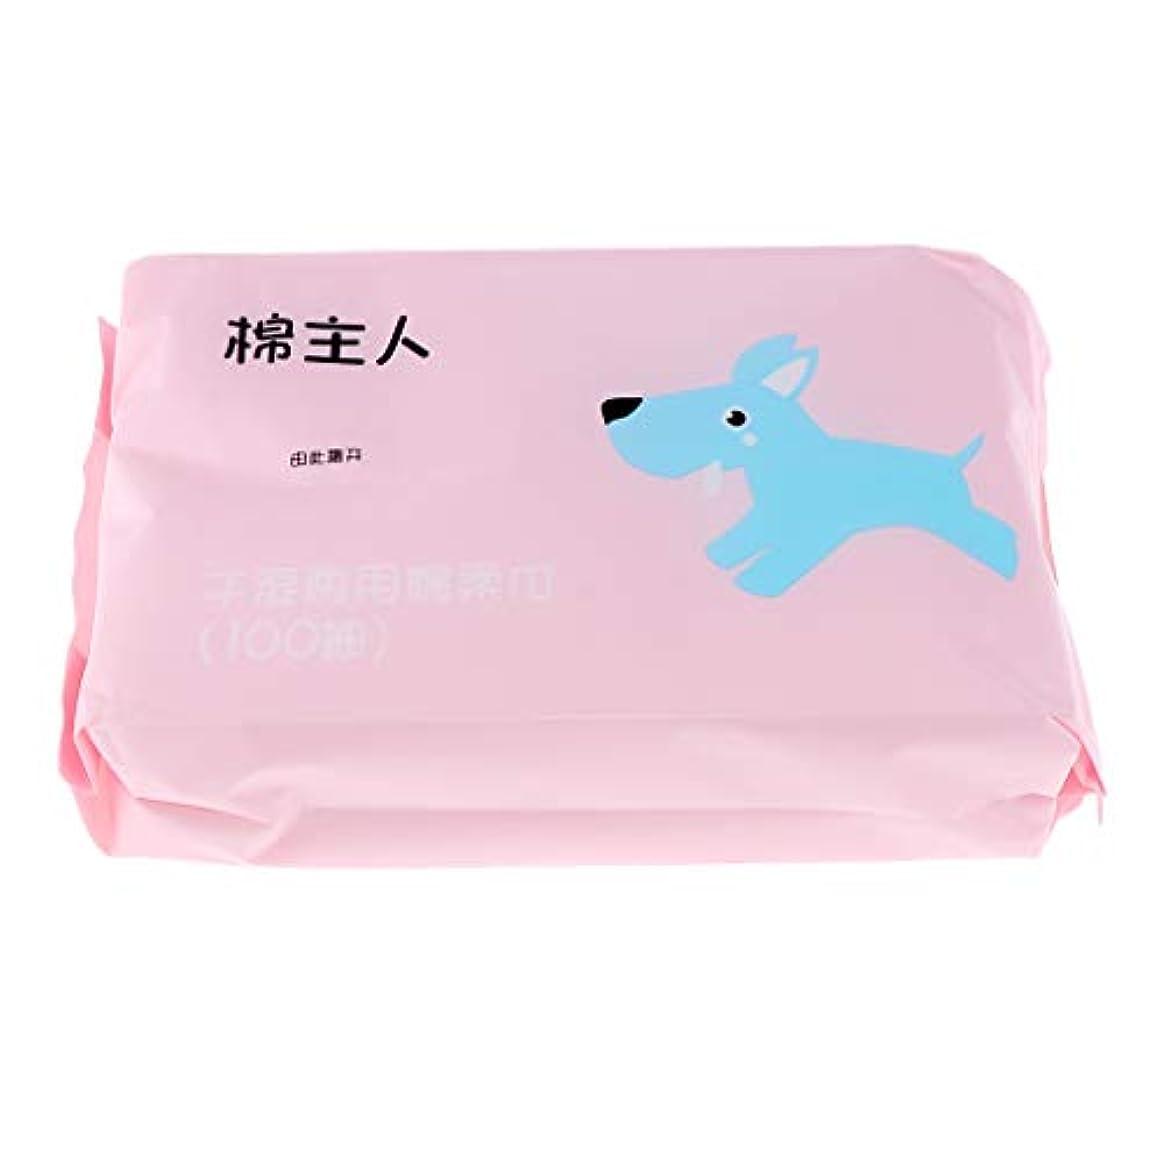 変装手段シャーCUTICATE クレンジングシート メイク落とし 軽量 便利 敏感肌用 非刺激 不織布 フェイスタオル 約100枚 - ピンク